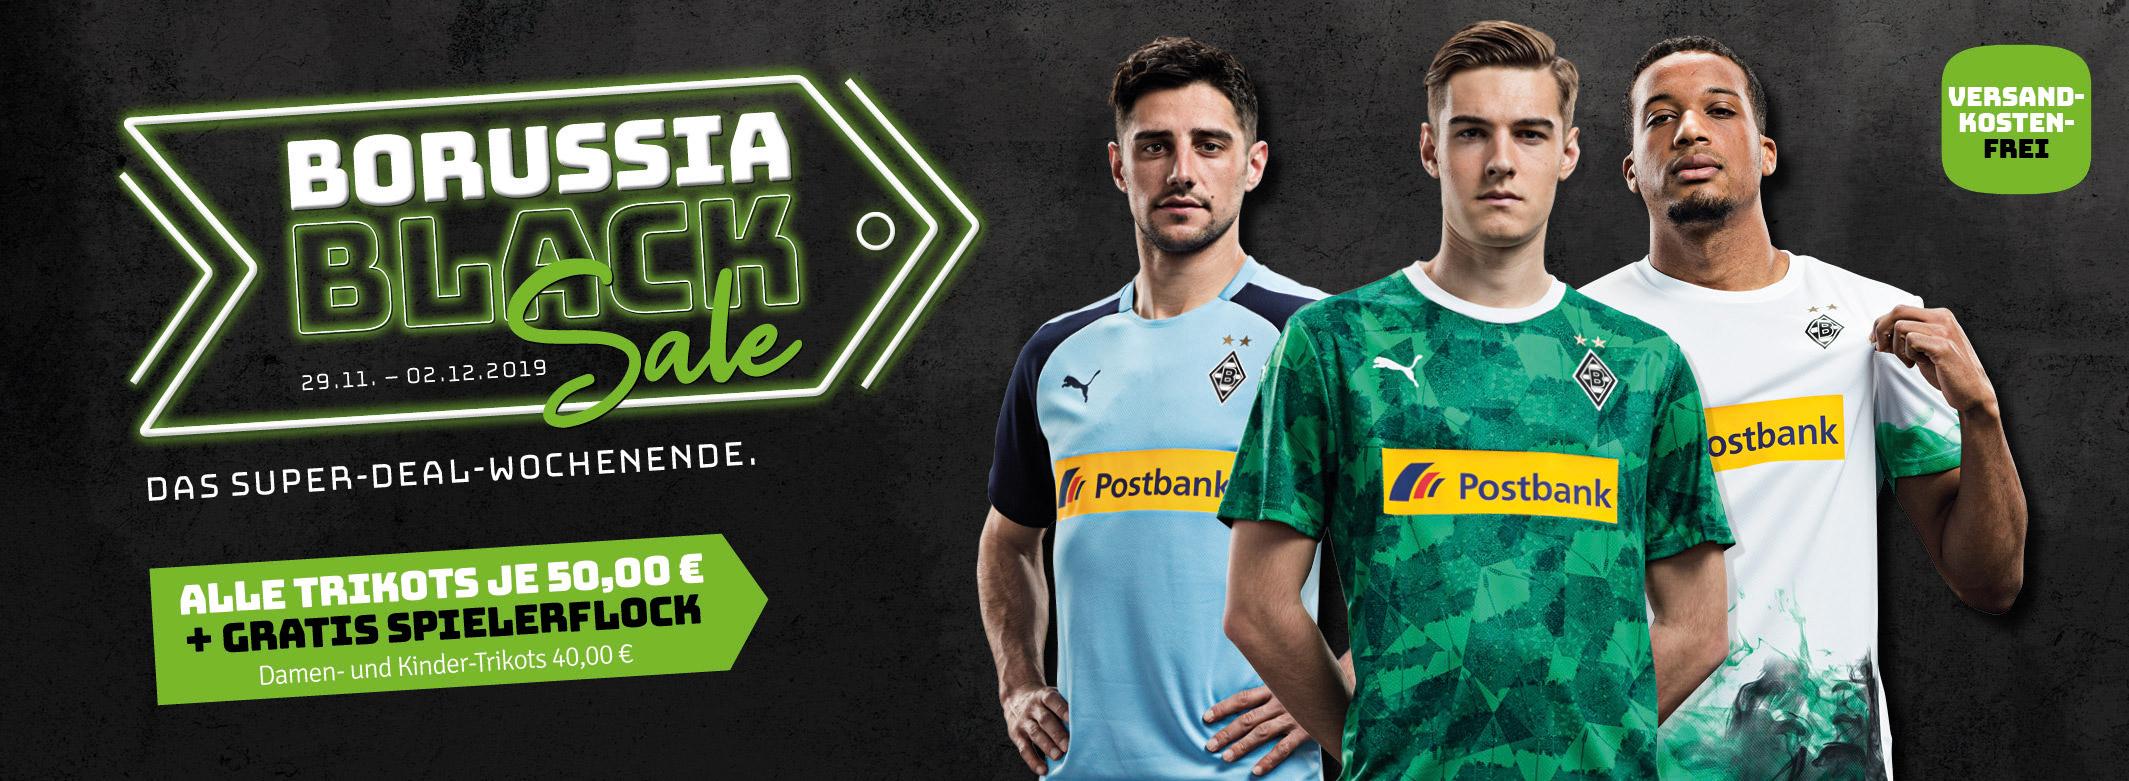 Borussia Mönchengladbach PUMA Trikot mit Spielerflock 50,00€ statt 84,95€